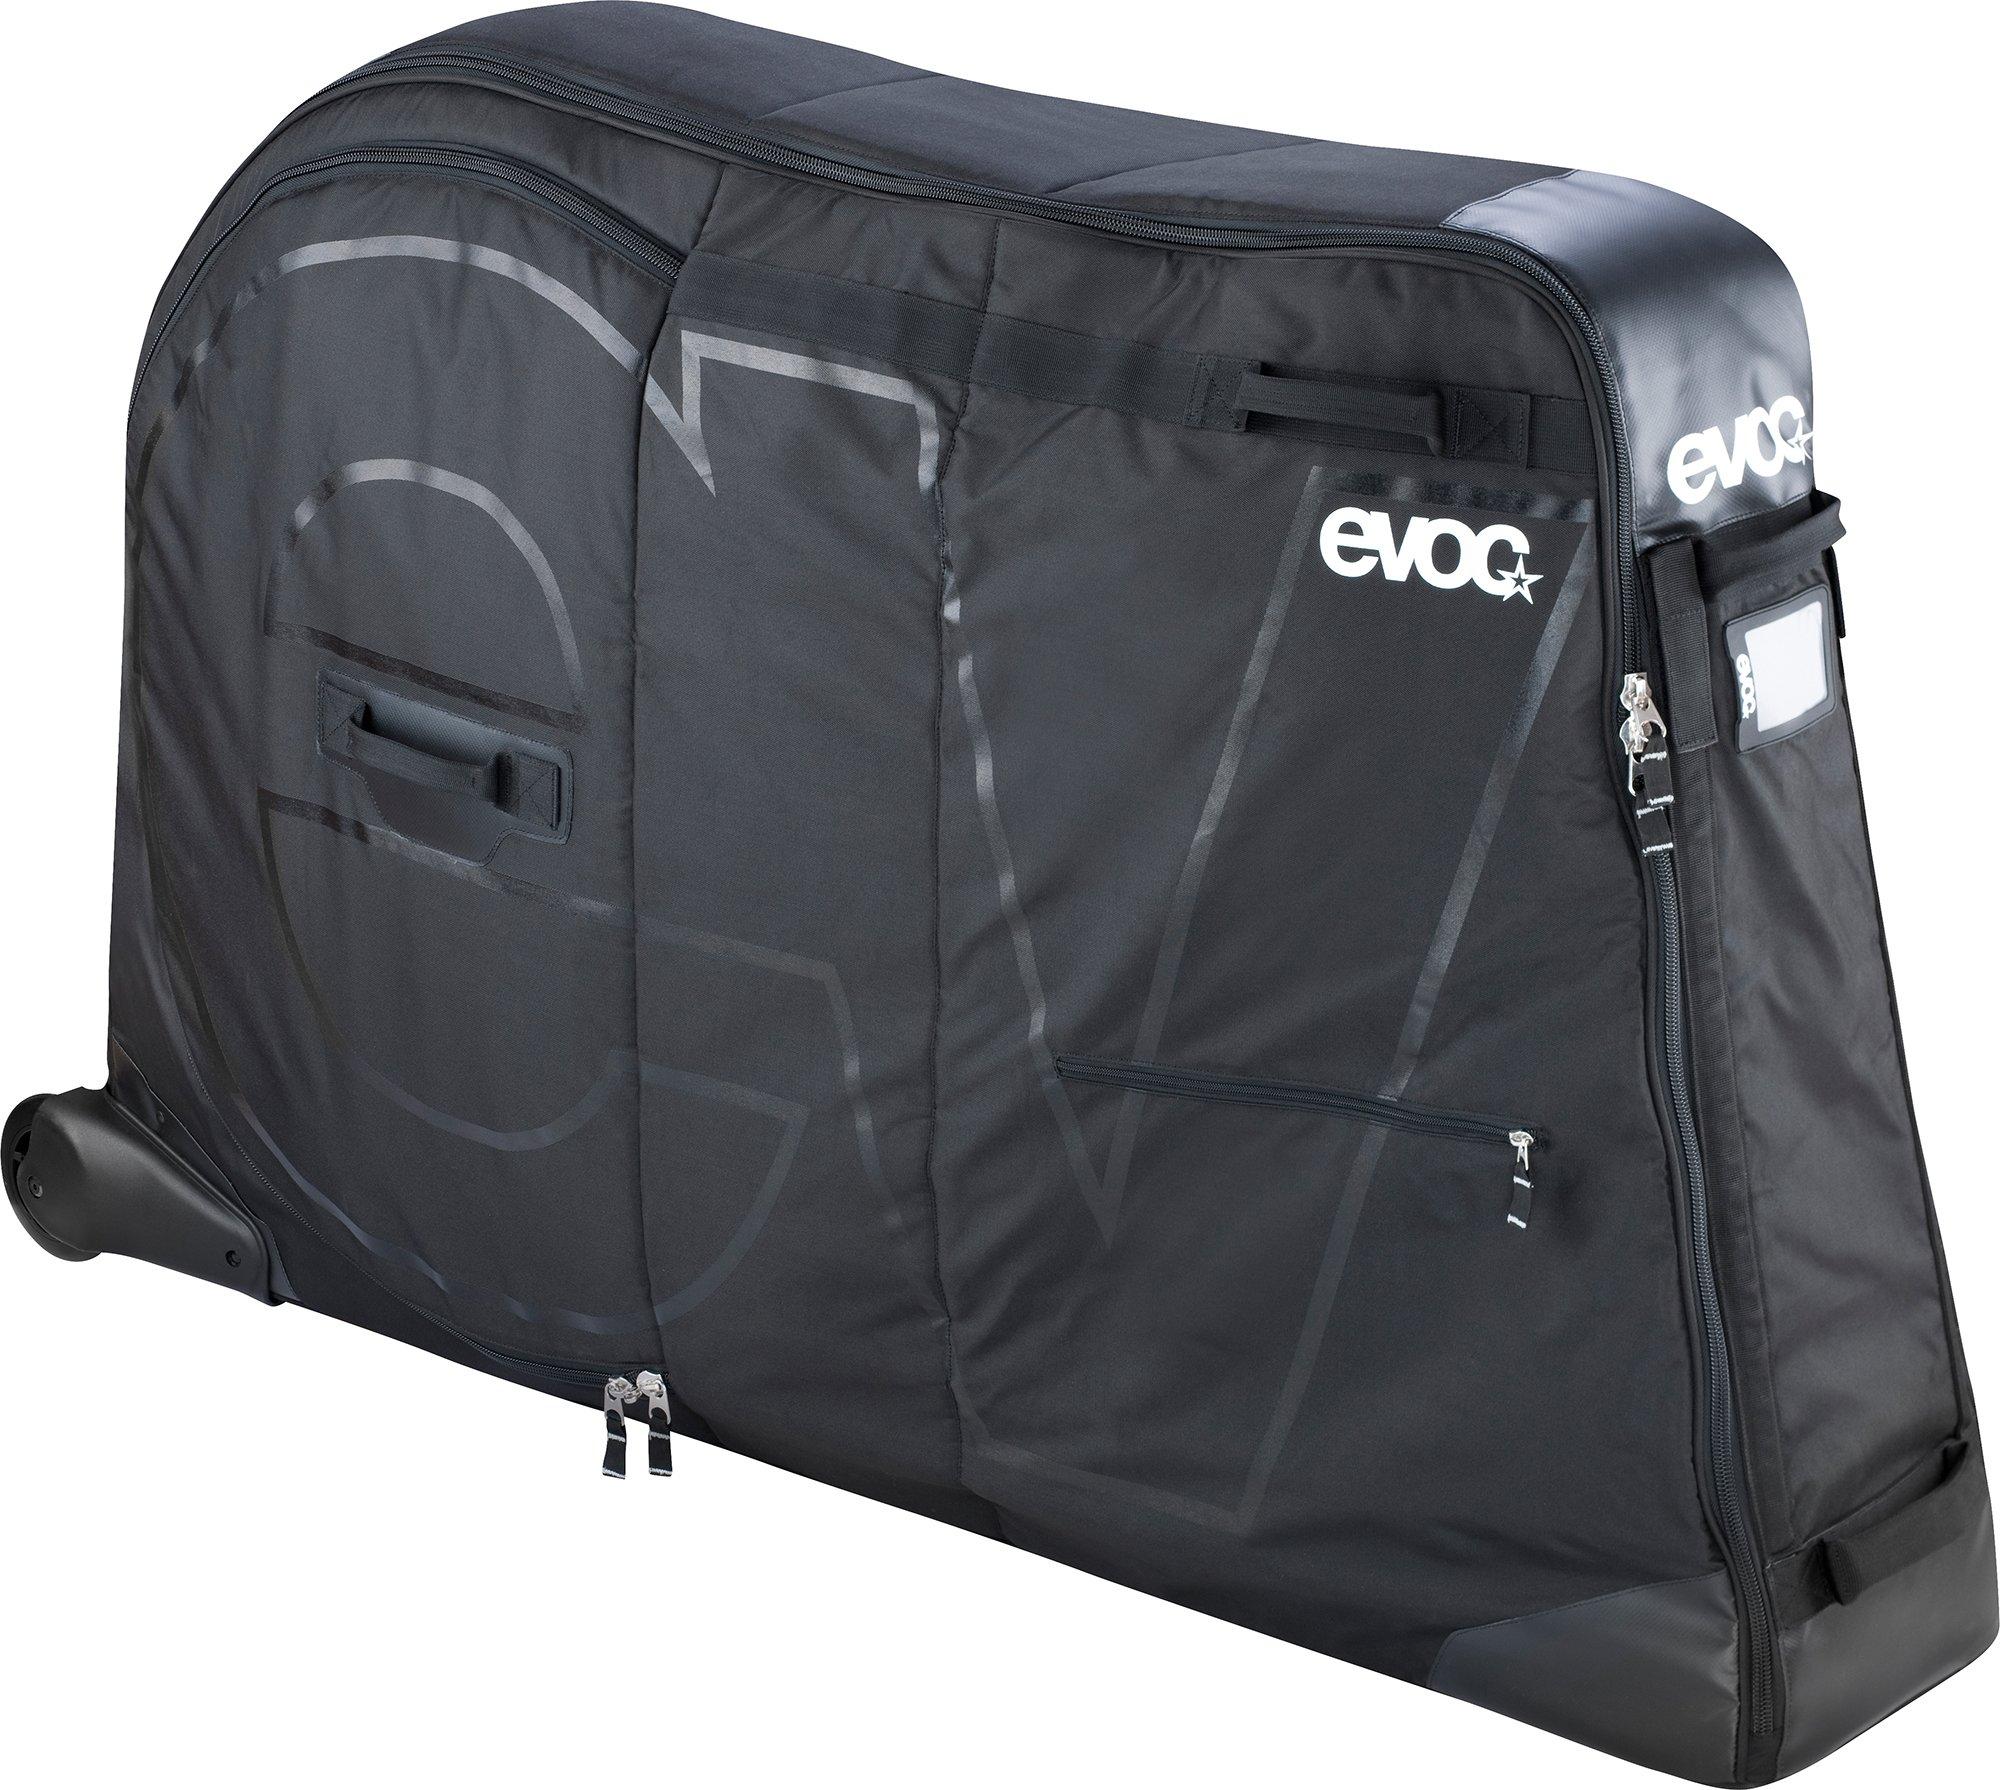 Evoc - Bolsa de deporte para bicicleta (280 L, 130 x 80 x 27